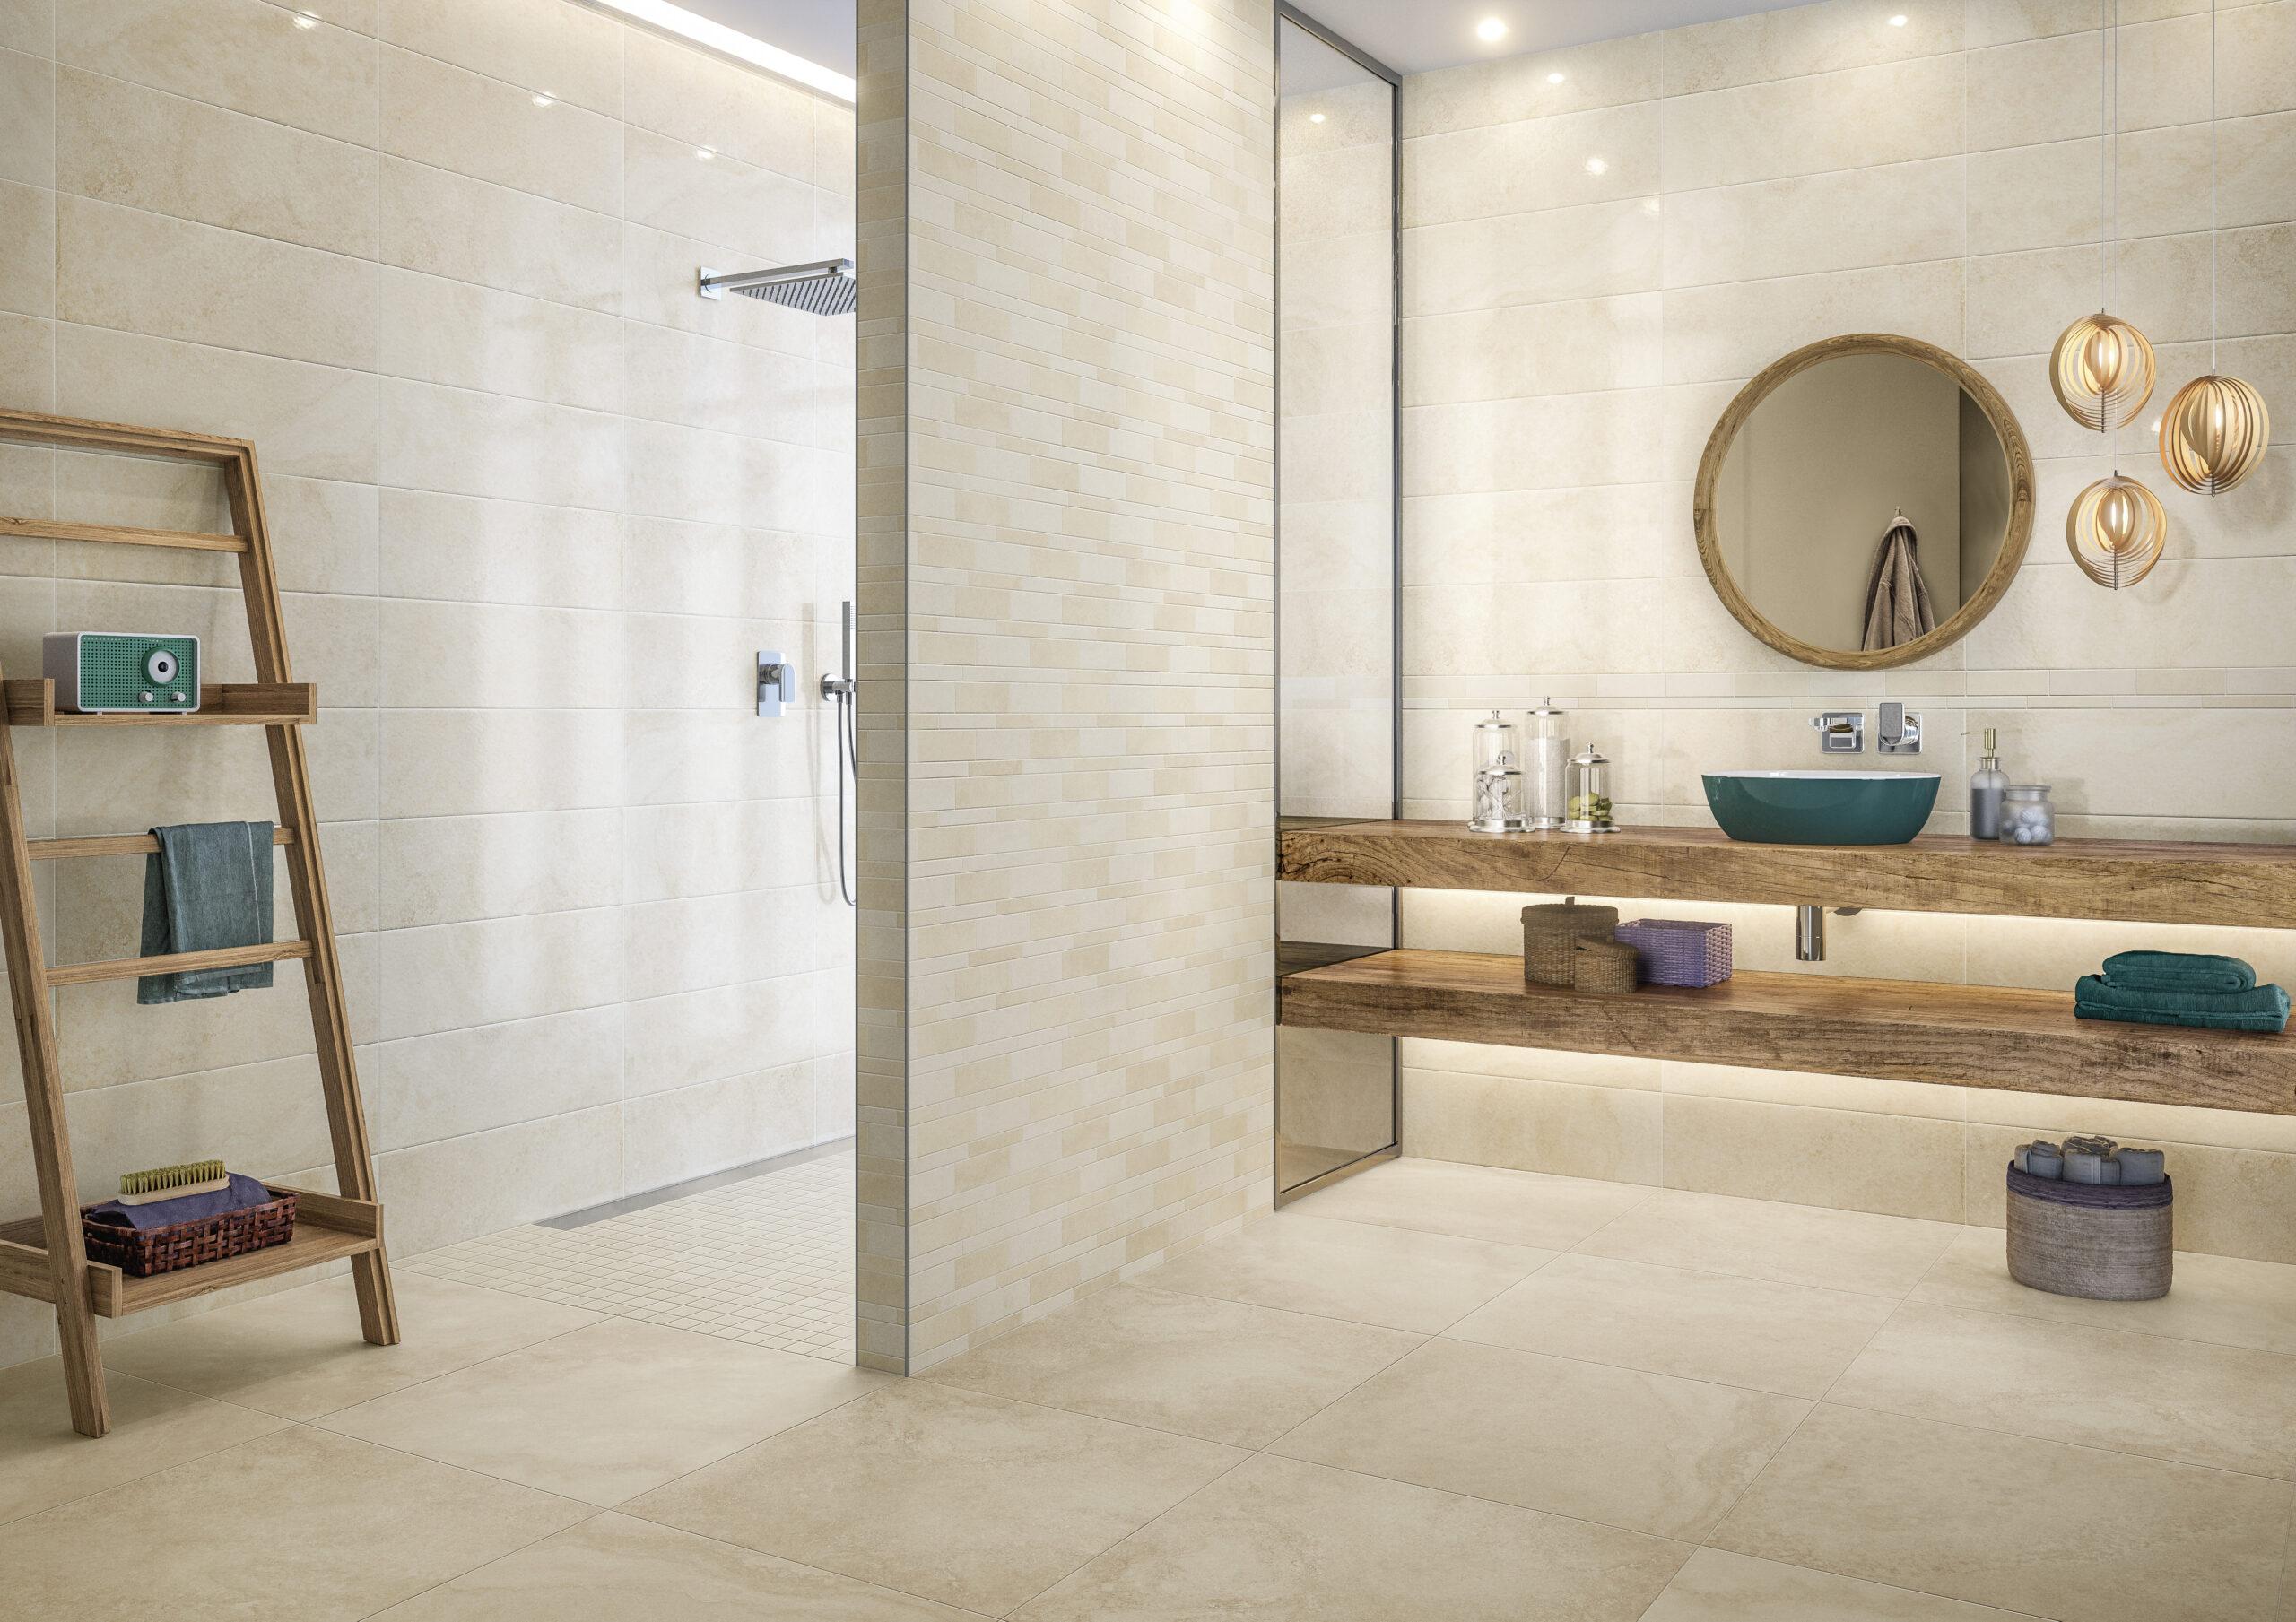 Full Size of Badezimmer Trends 2020 Ebenerdige Dusche Begehbare Ohne Tür Ebenerdig Fliesen Thermostat Badewanne Mit Und Komplett Set Duschen Kaufen Nischentür Dusche Fliesen Dusche